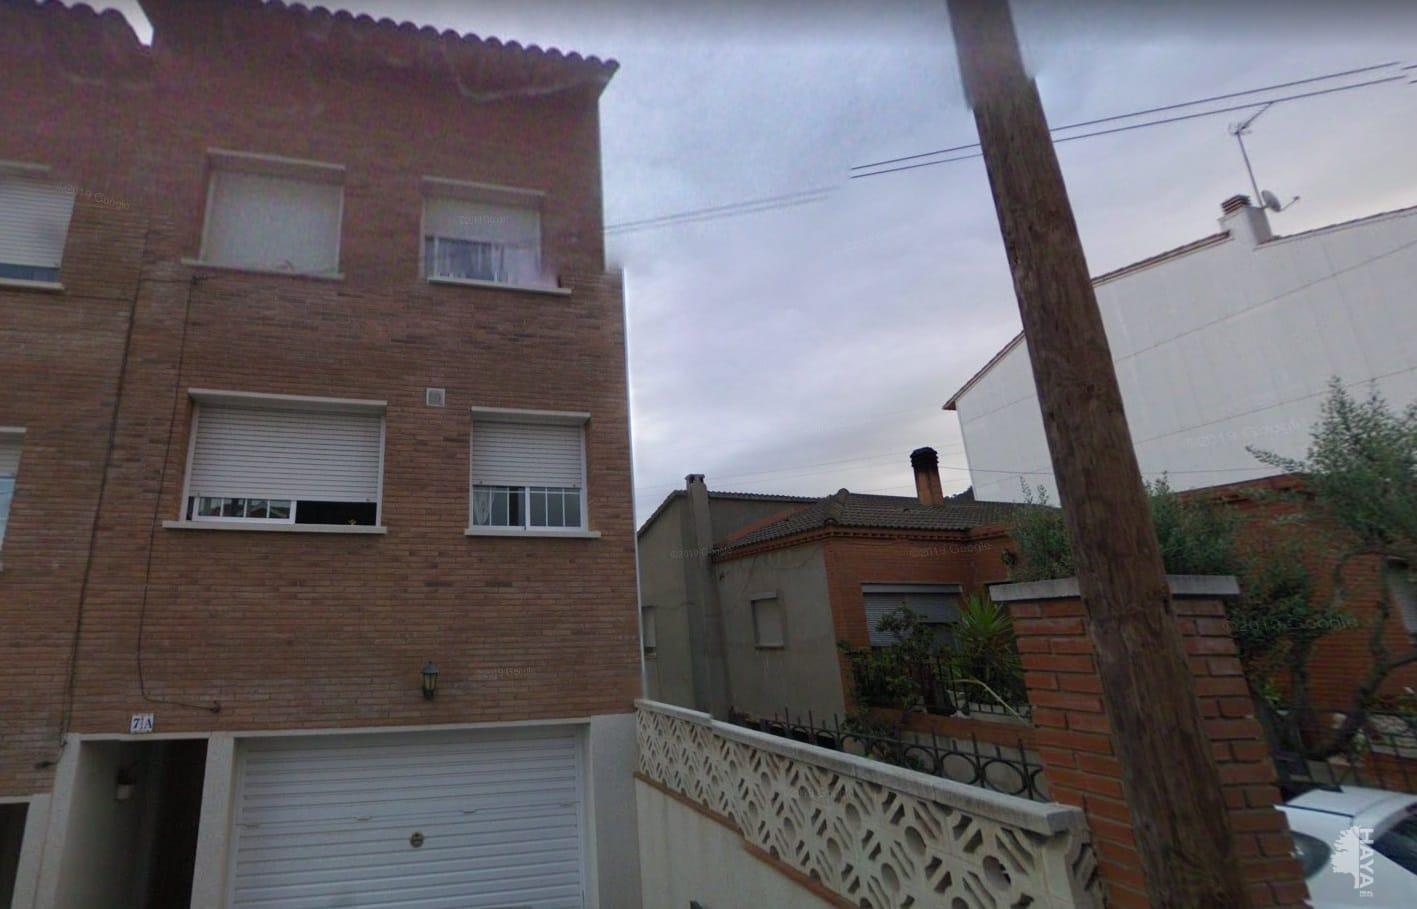 Casa en venta en El Papiol, El Papiol, Barcelona, Calle Puig Madrona, 196.000 €, 5 habitaciones, 1 baño, 200 m2